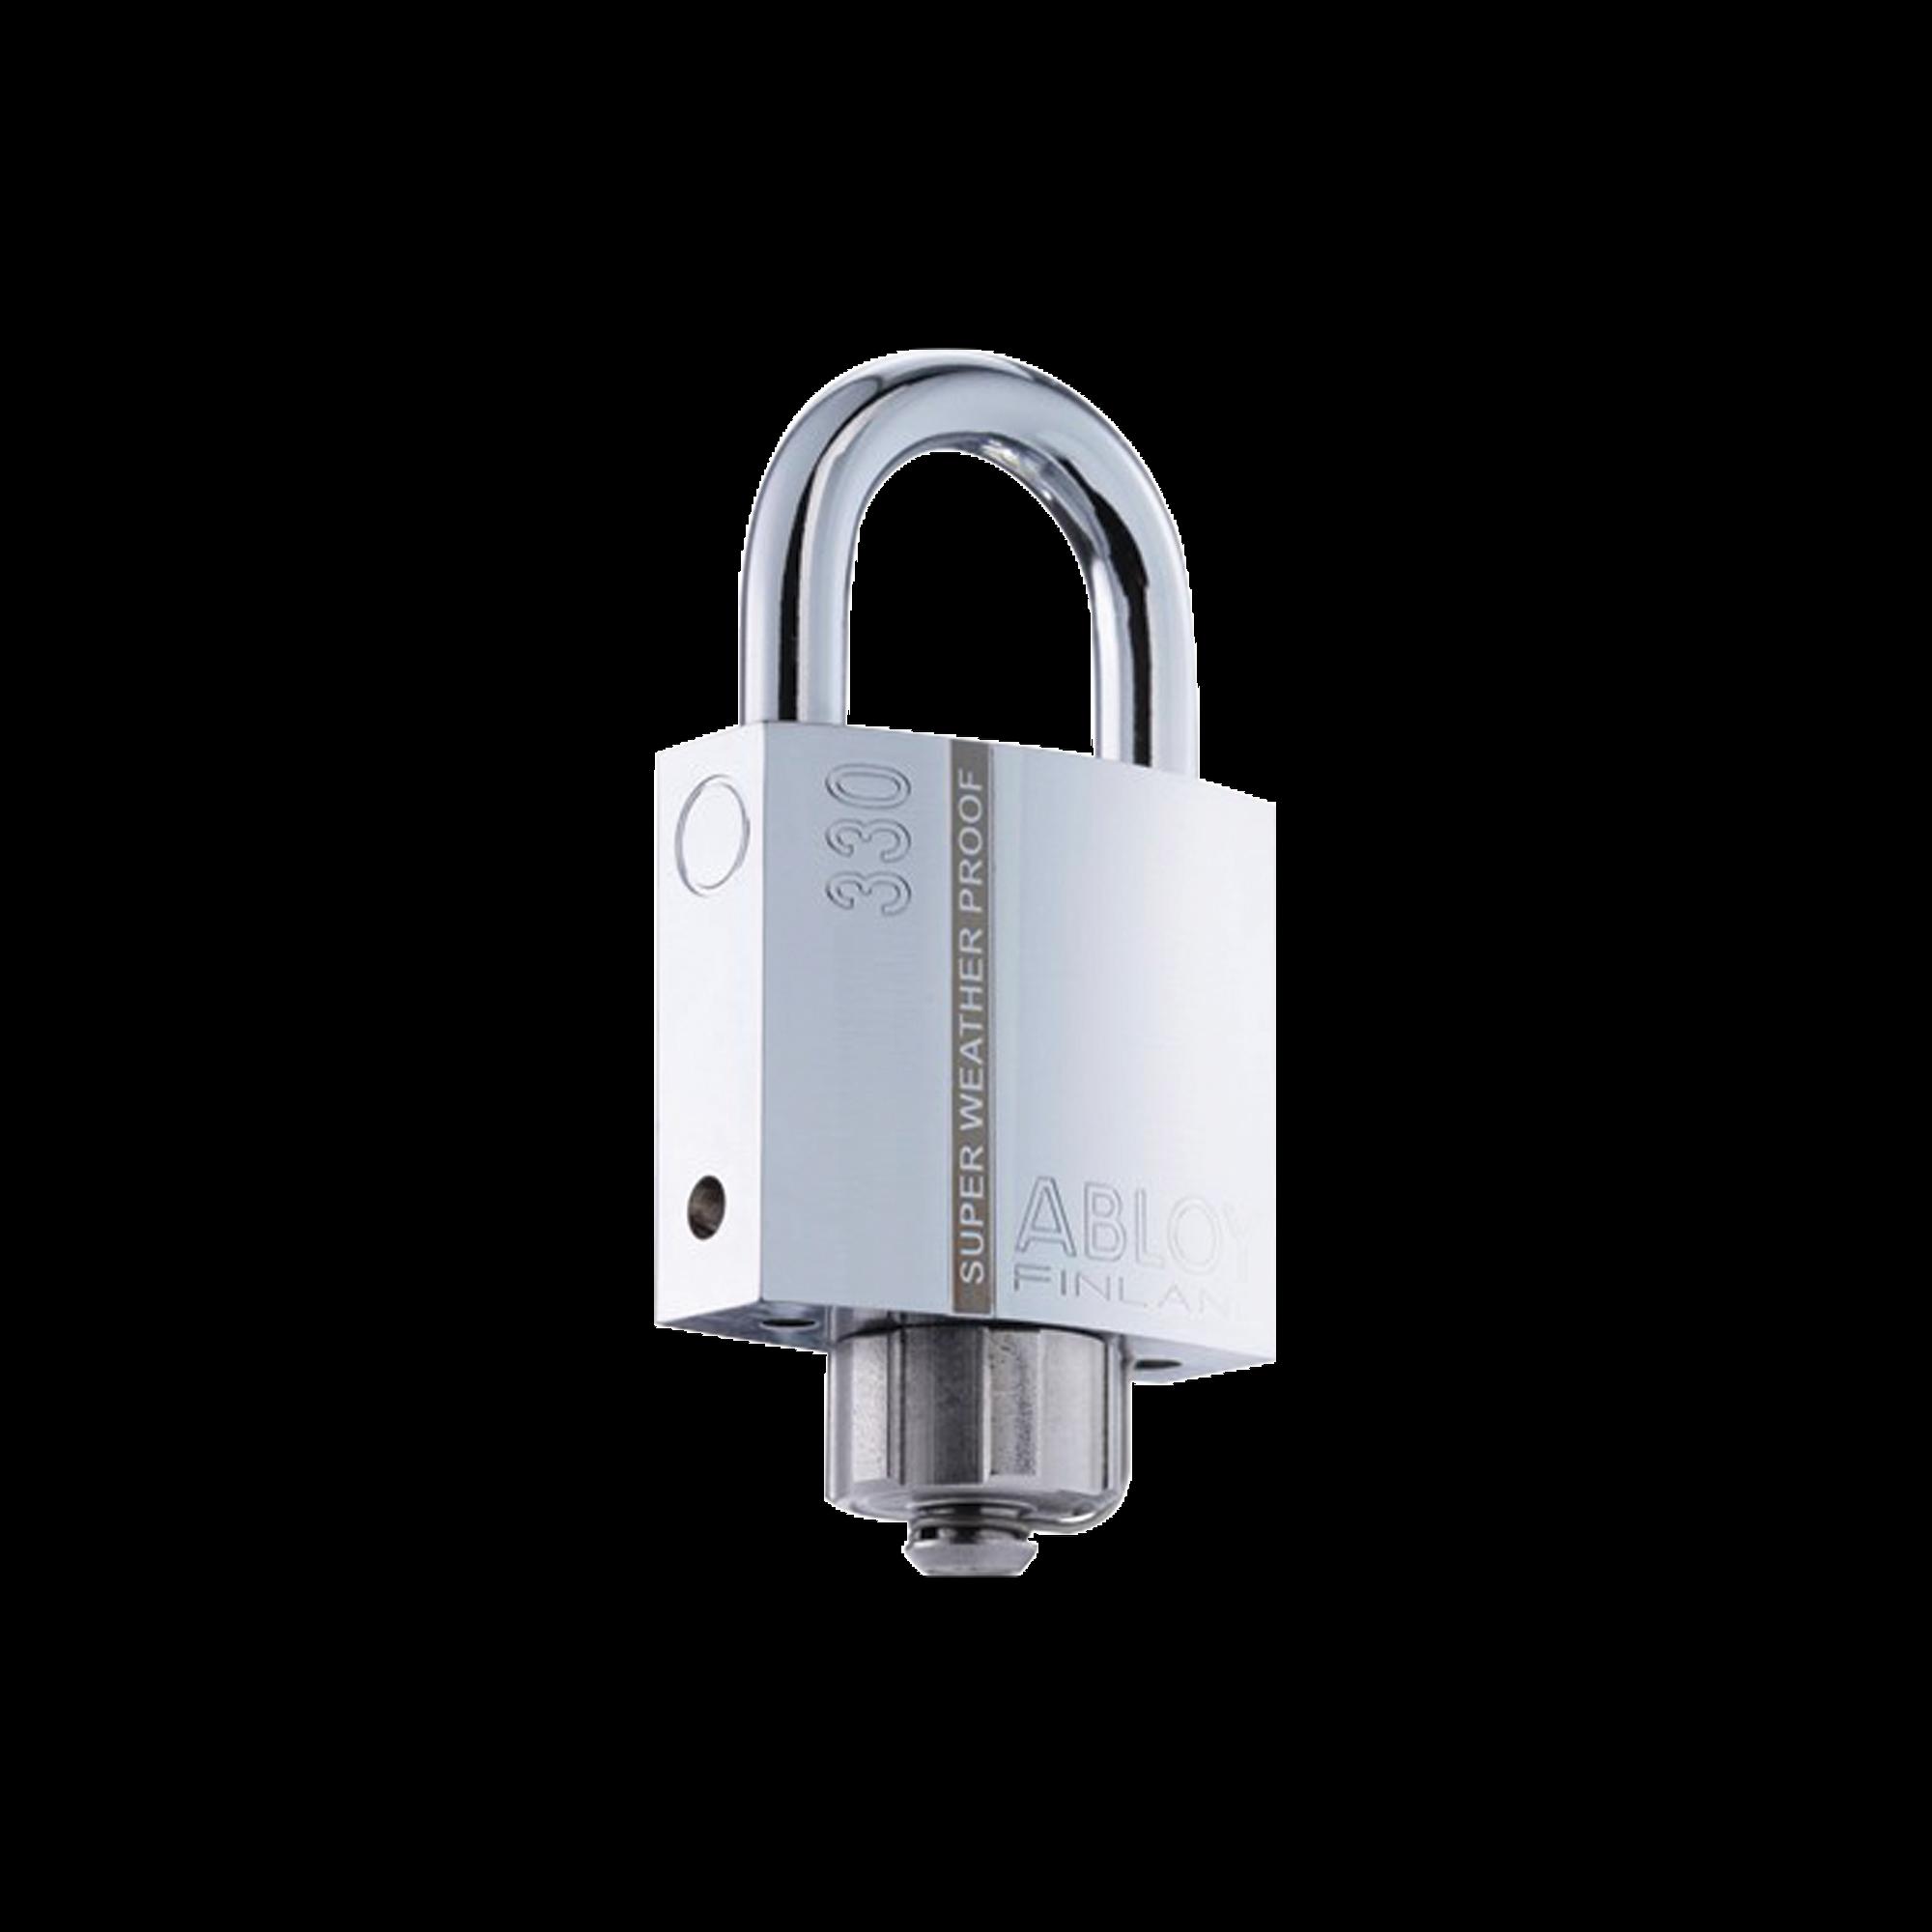 Candado Abloy / Grado 3 de Seguridad / Arco de 25 mm / Tapa Protectora / Sello Impermeable